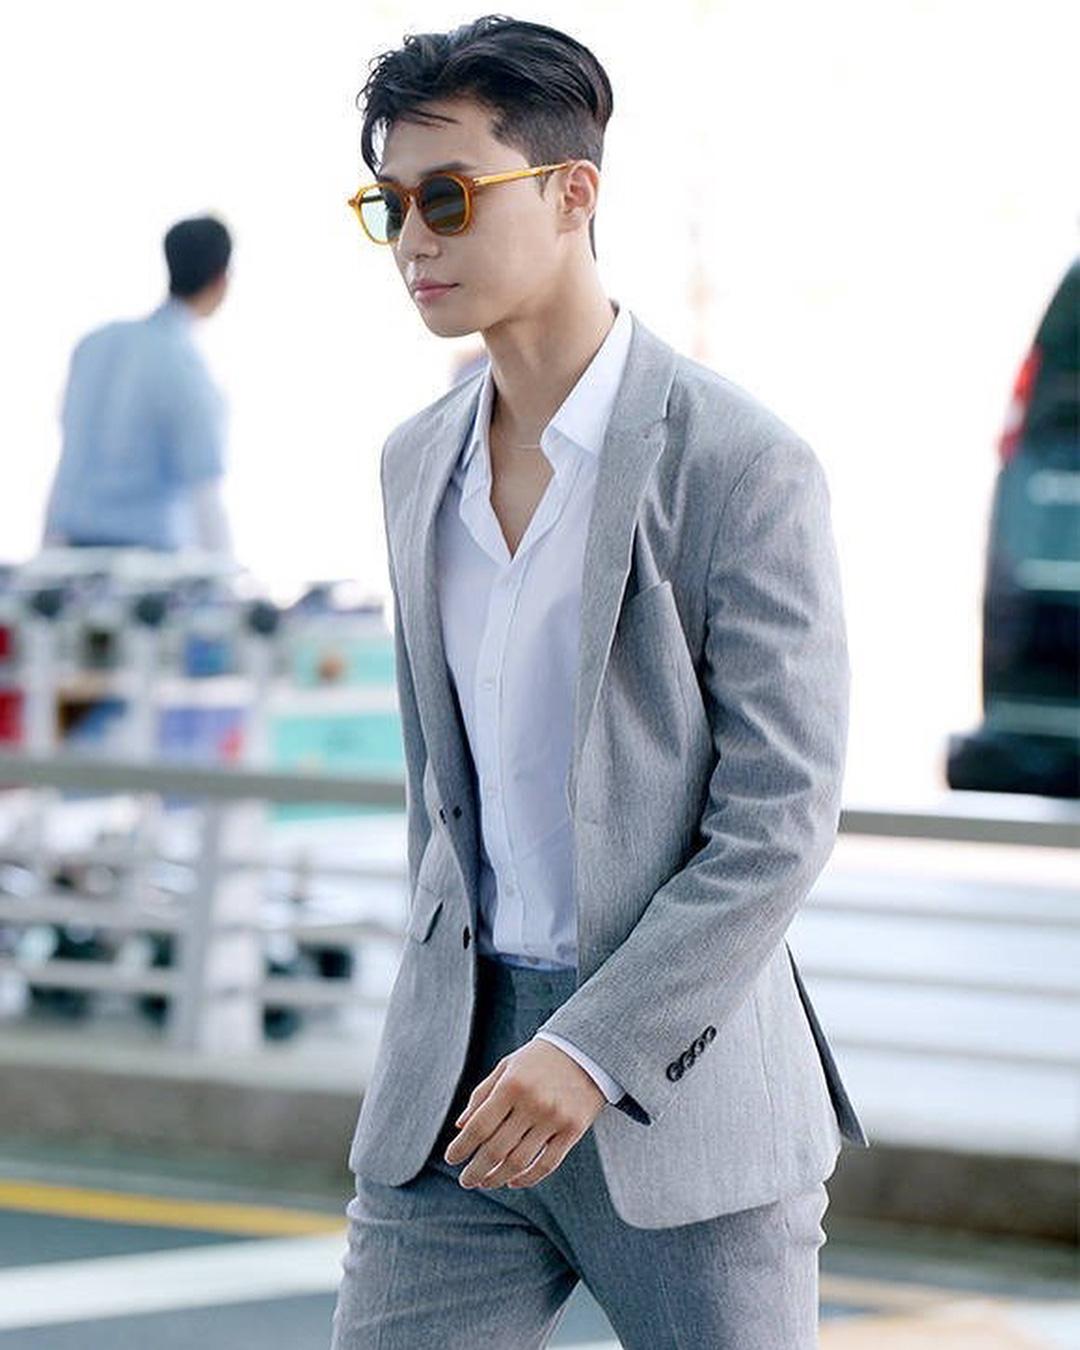 Ông chủ Danbam Park Seo Joon đúng là nam thần sân bay: Lúc như CEO đã giàu còn soái, khi đi dép xỏ ngón cũng ngầu như catwalk - Ảnh 5.